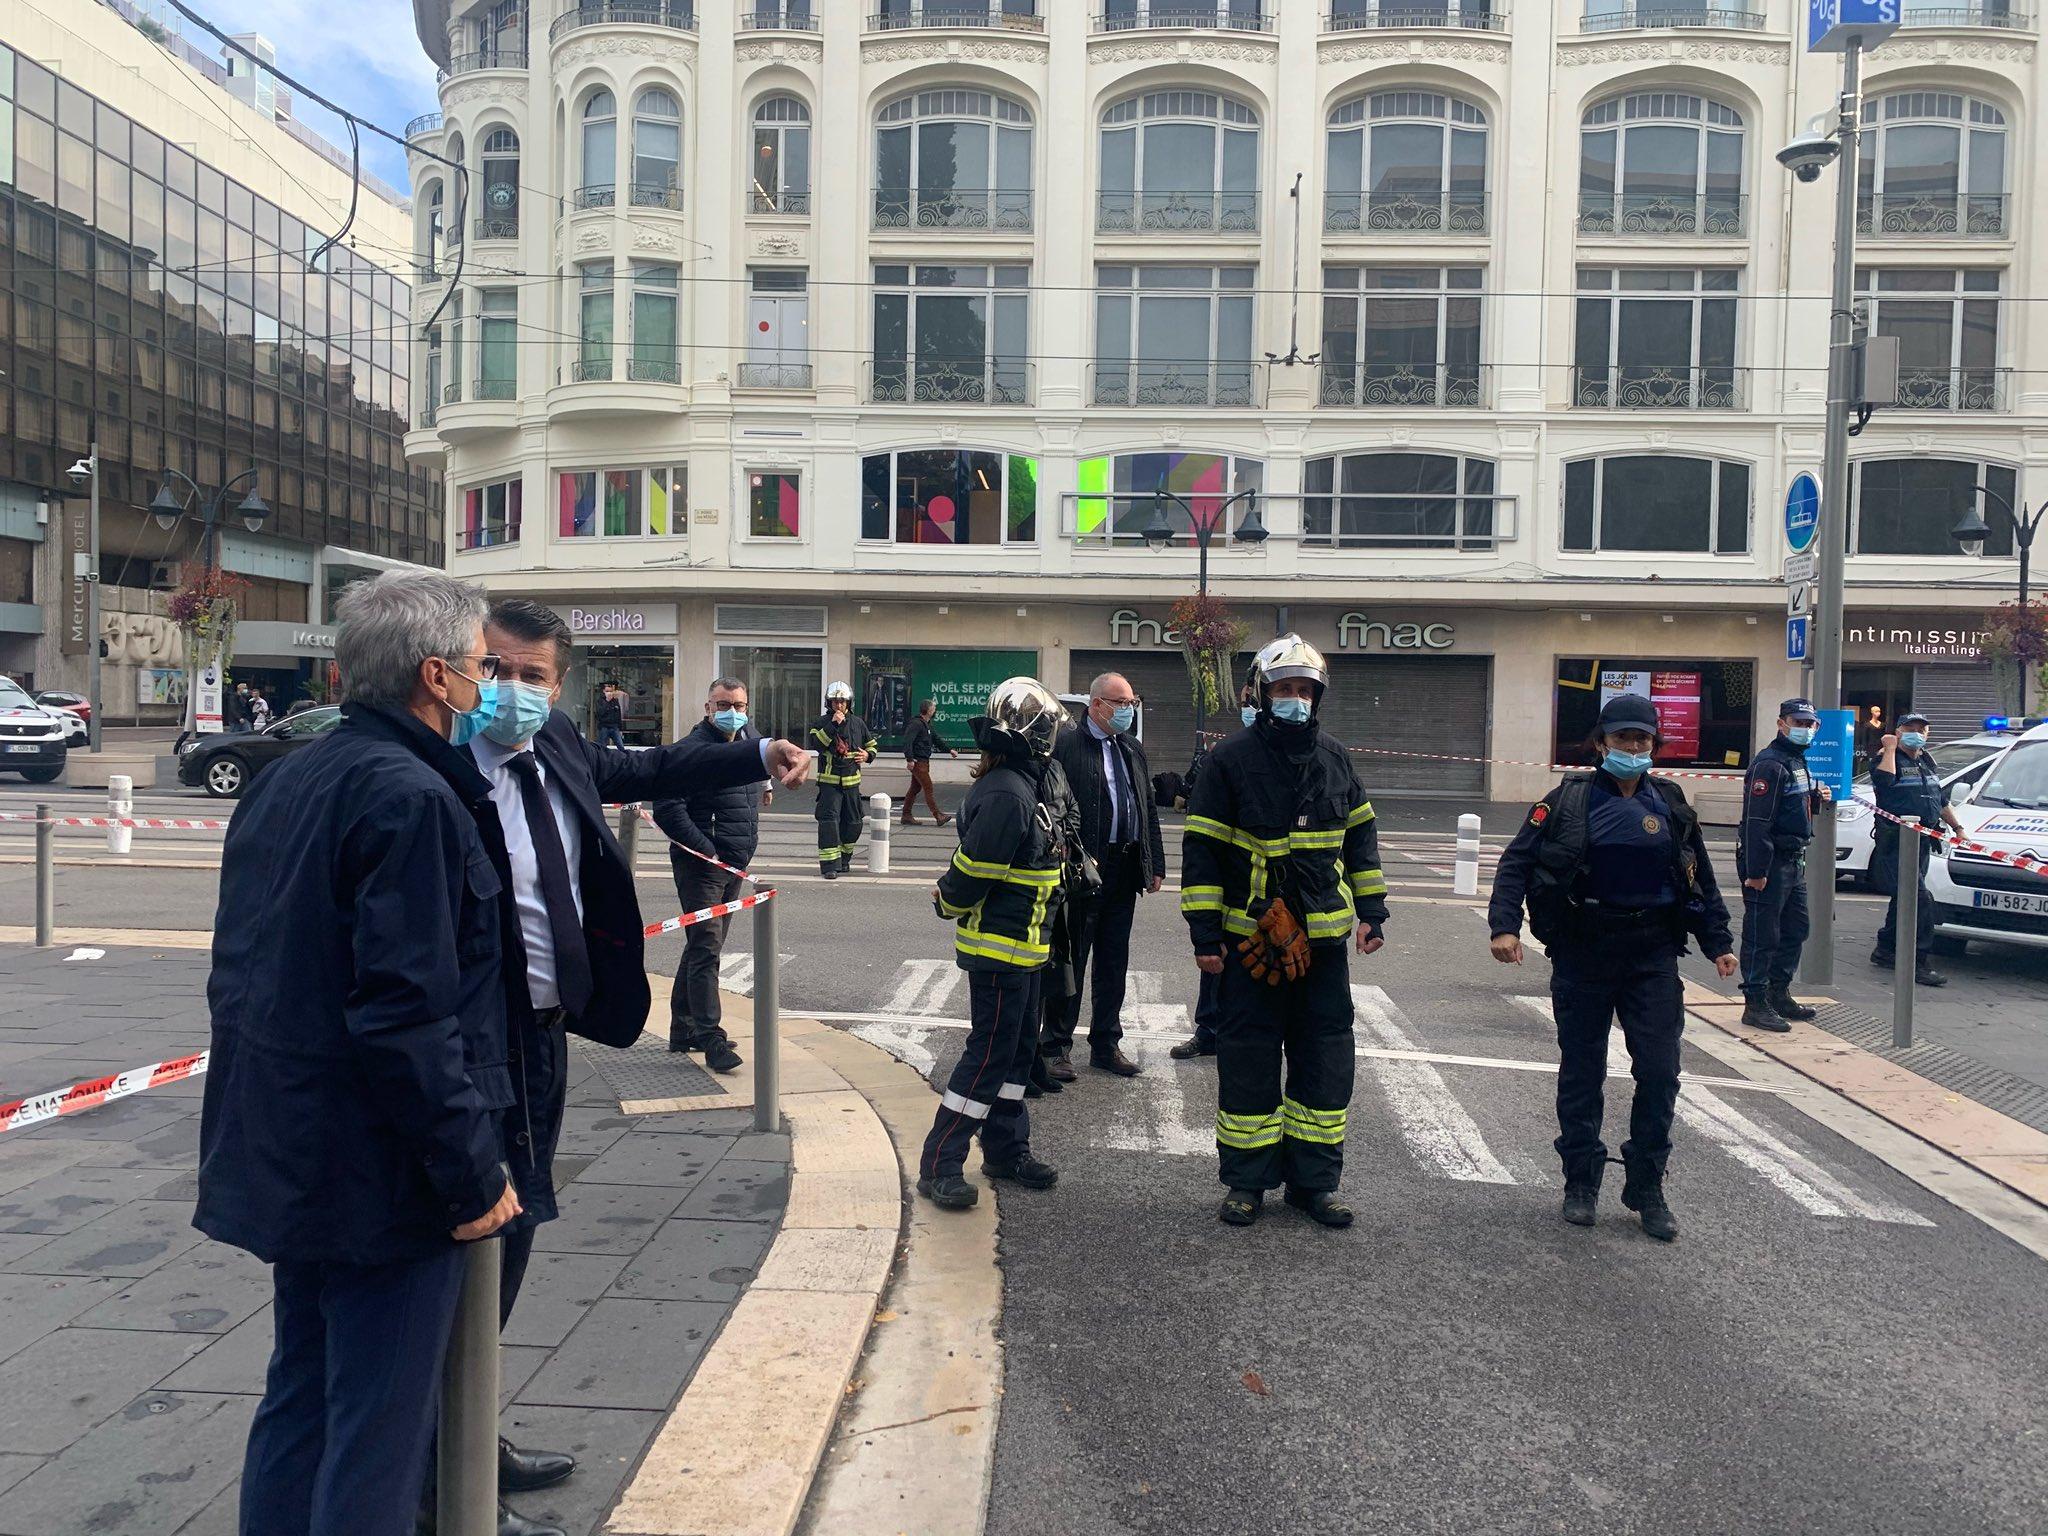 Fransa'da korkunç olay! Bıçaklı saldırıda bir kişinin boğazı, bir kişinin başı kesildi